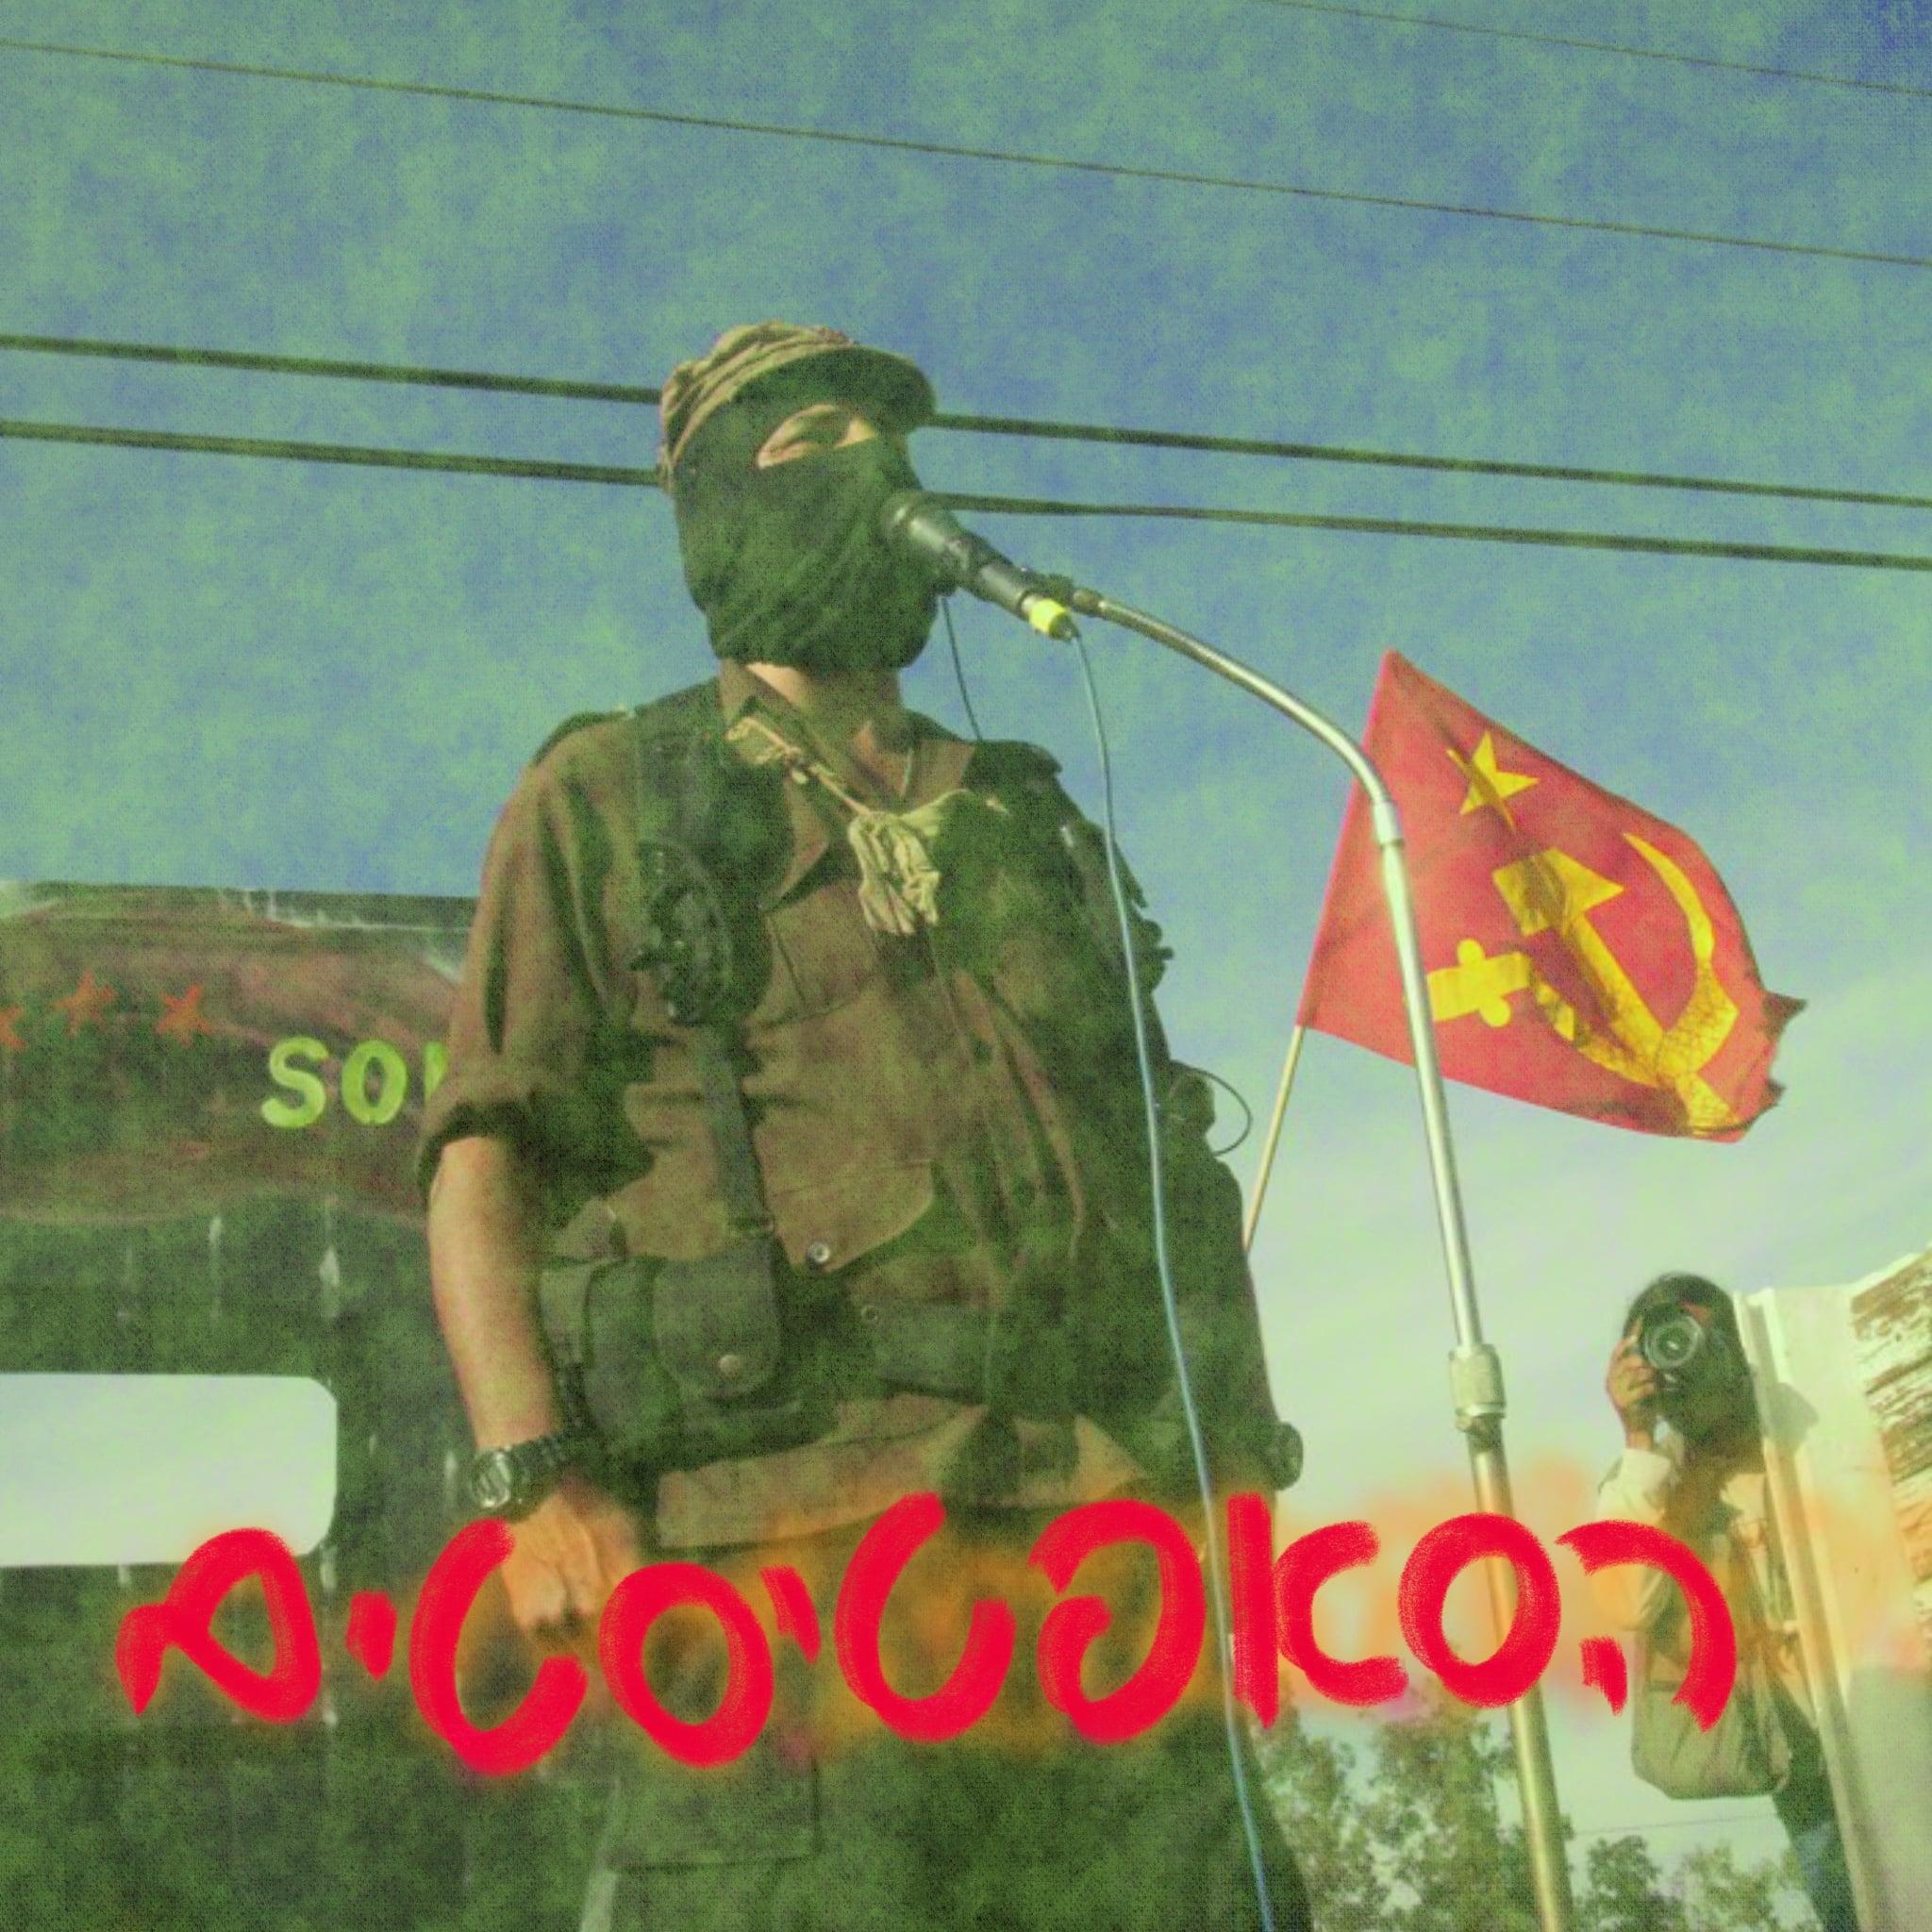 היום לפני 26 שנים הכריז הצבא הסאפטיסטי על מרד מזוין במחוז צ'יפאס במקסיקו